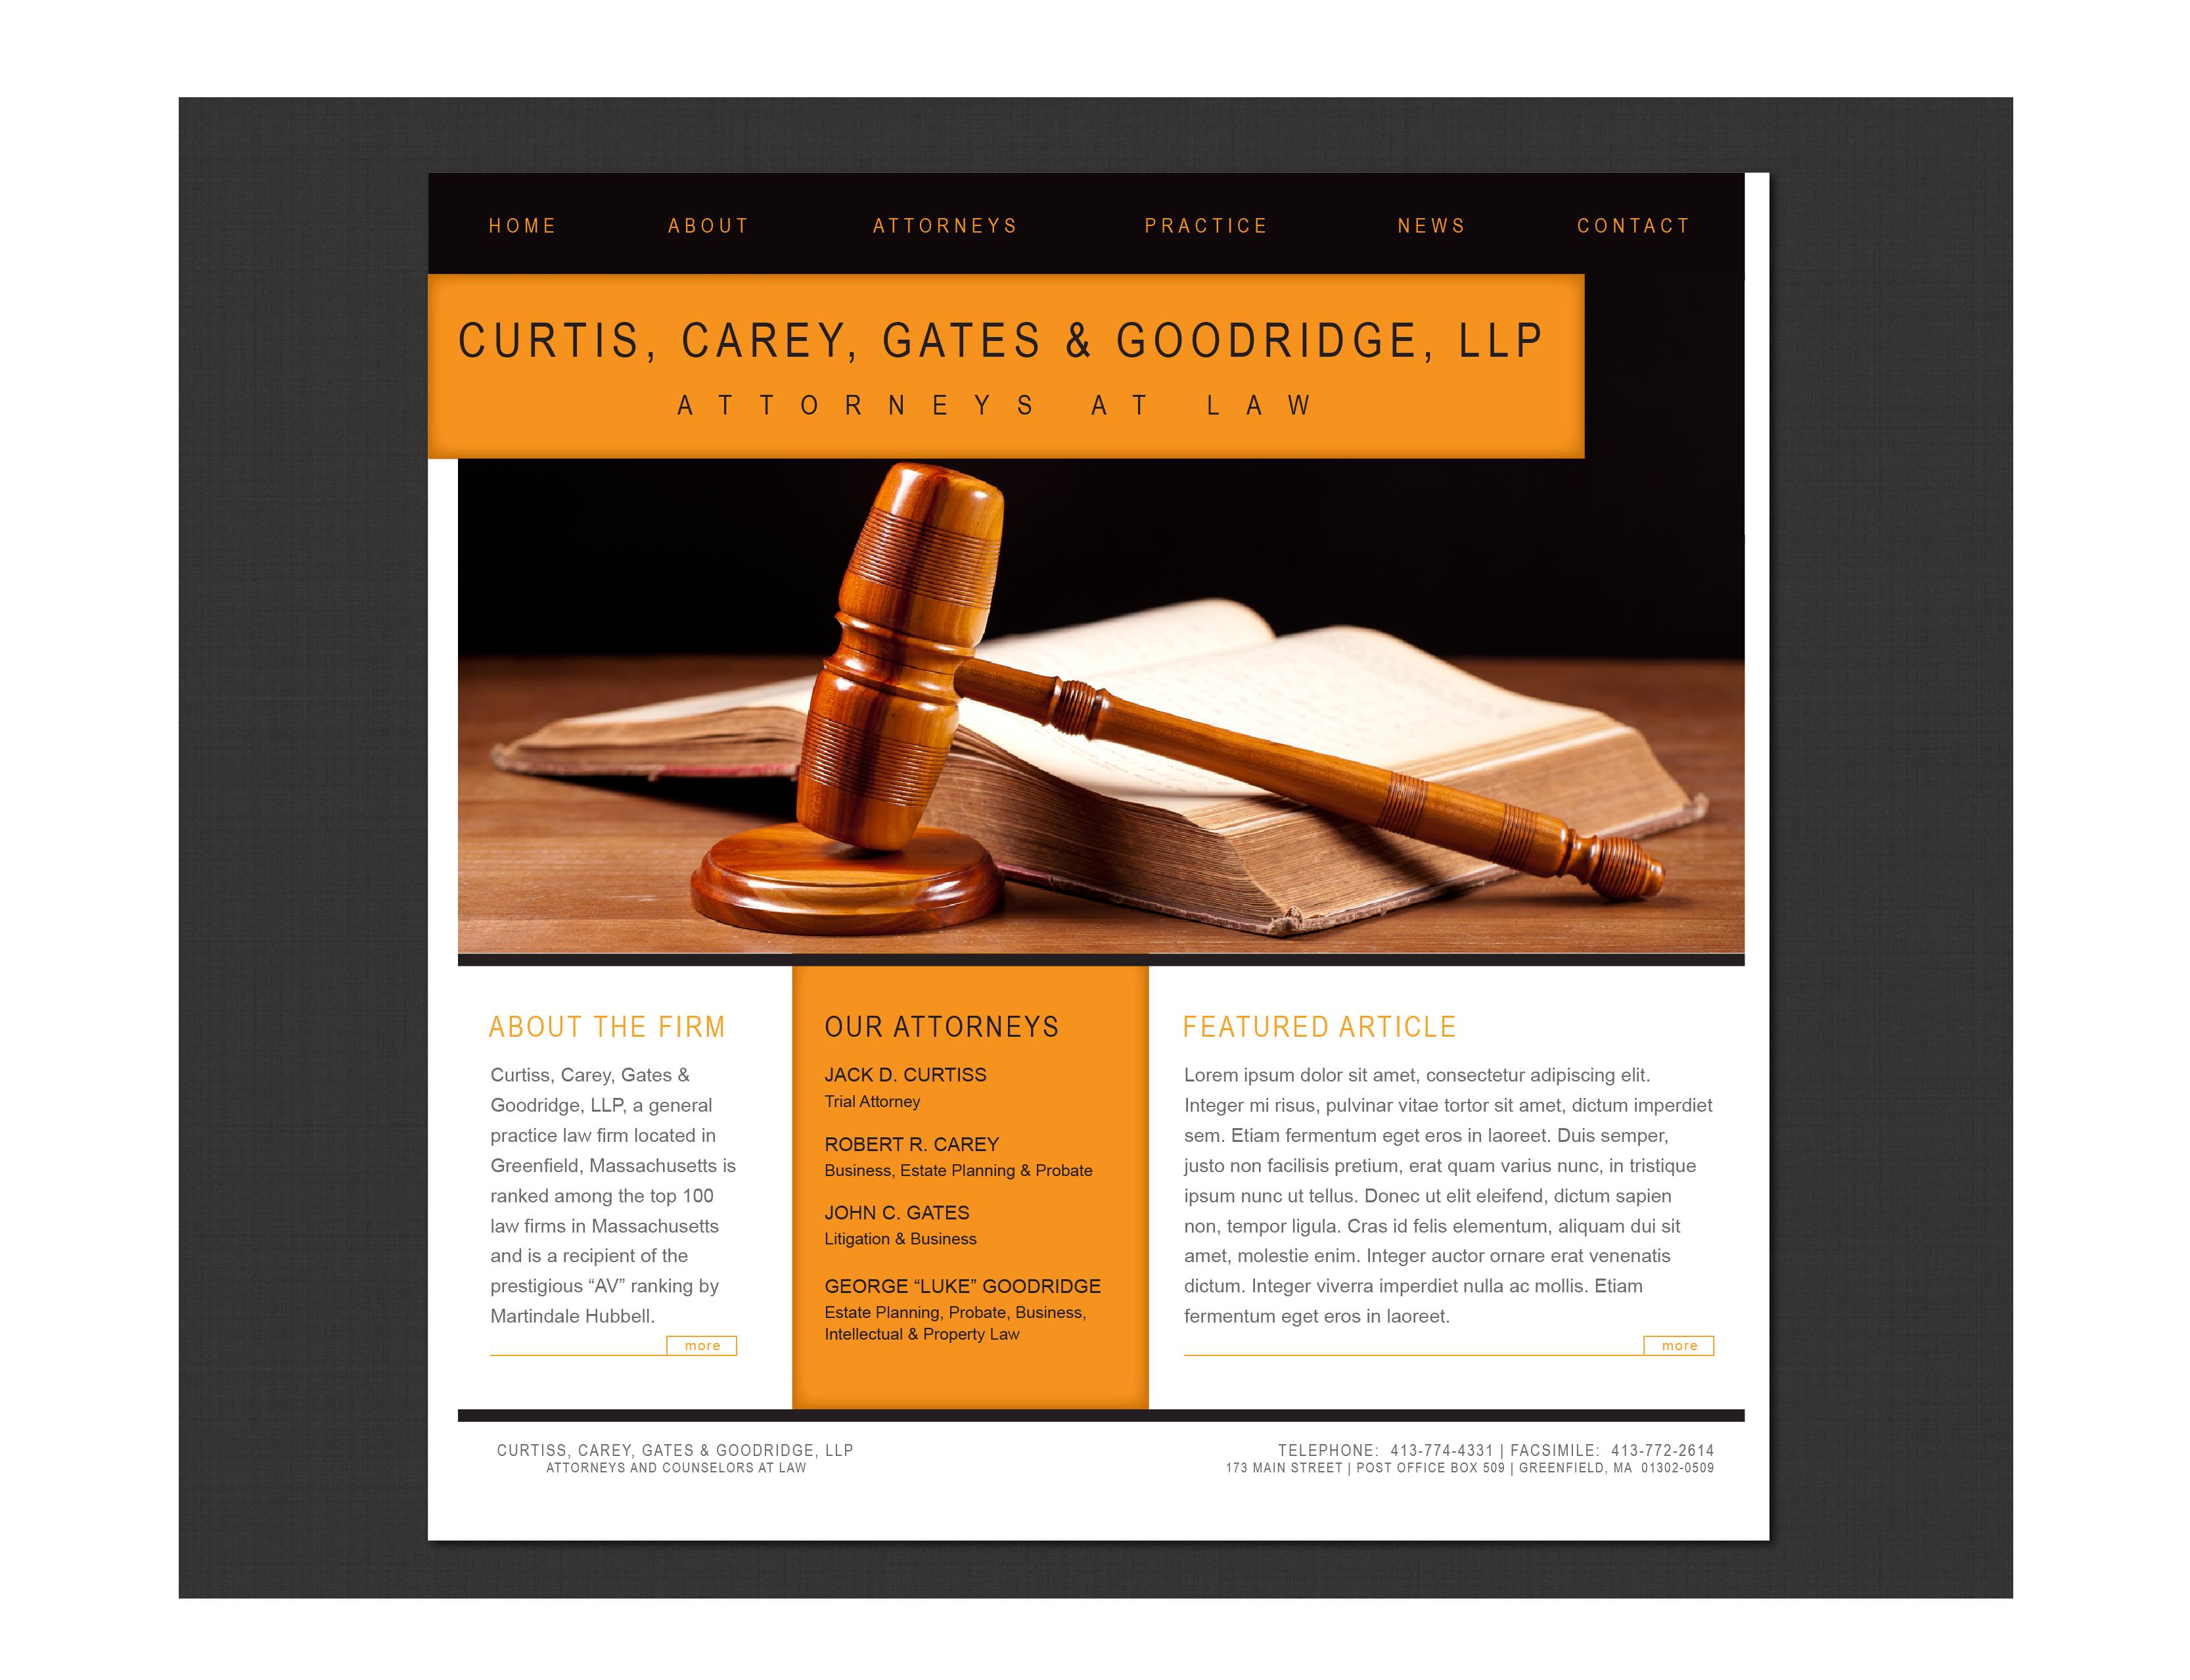 Curtis, Carey, Gates & Goodridge LLP